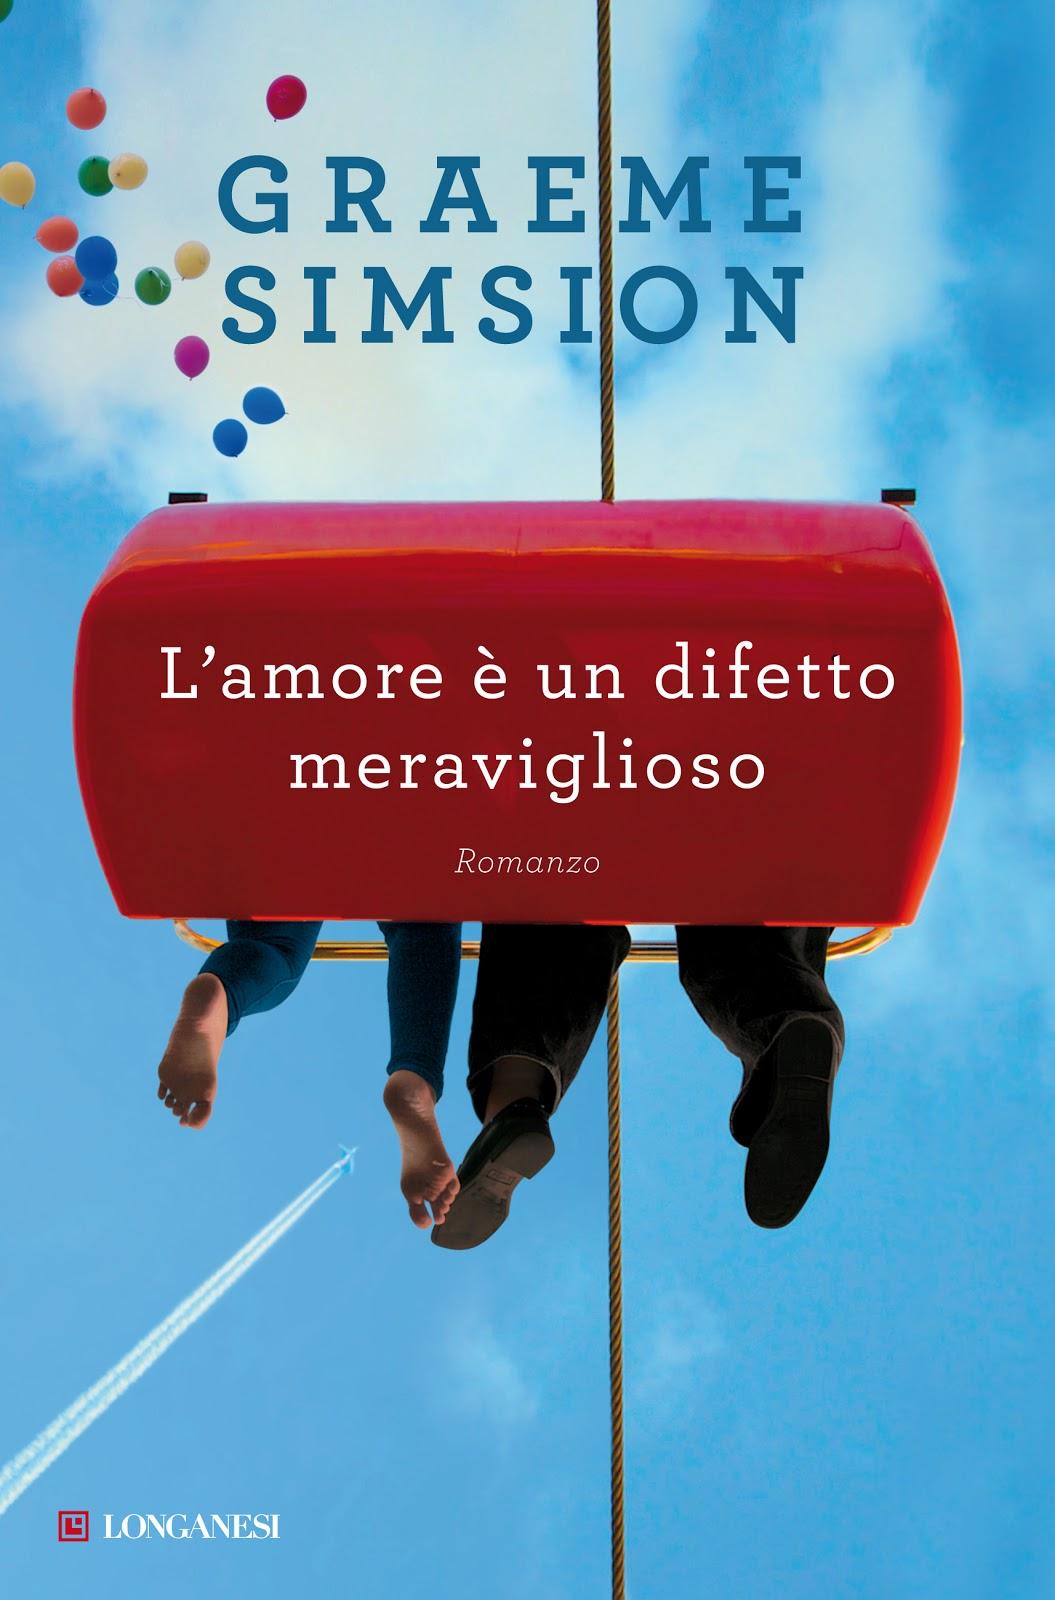 Simsion_L'amore è un difetto meraviglioso